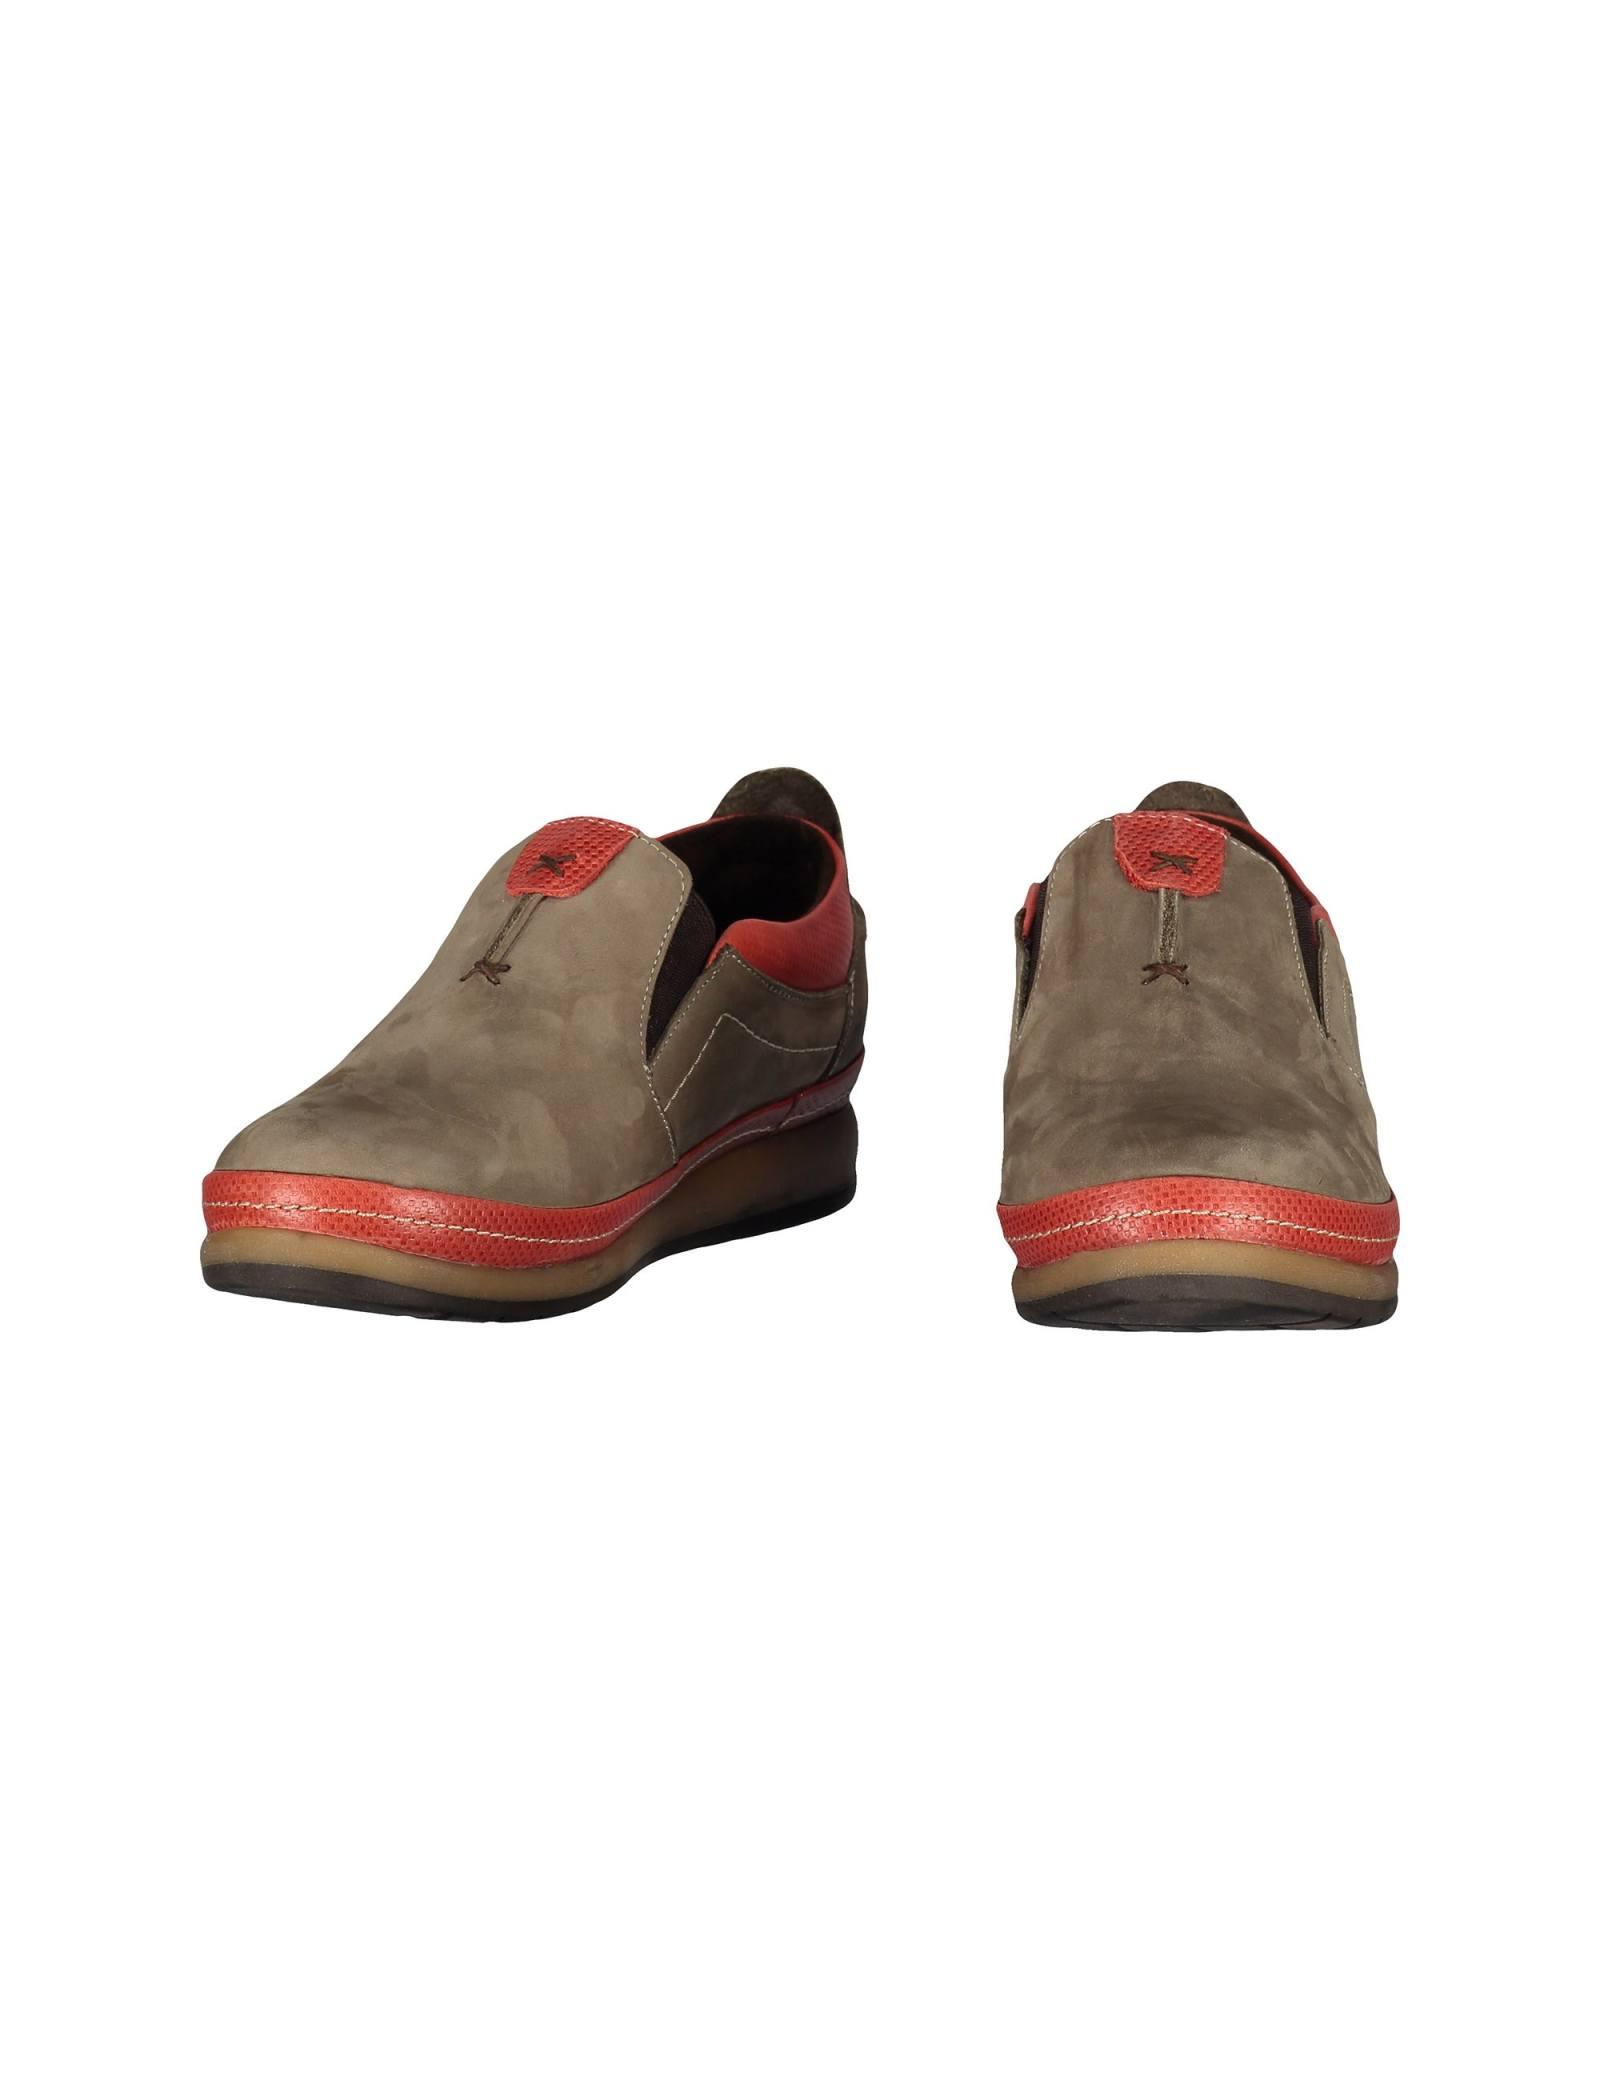 کفش تخت جیر زنانه - شهر چرم - خاکي و قرمز - 3